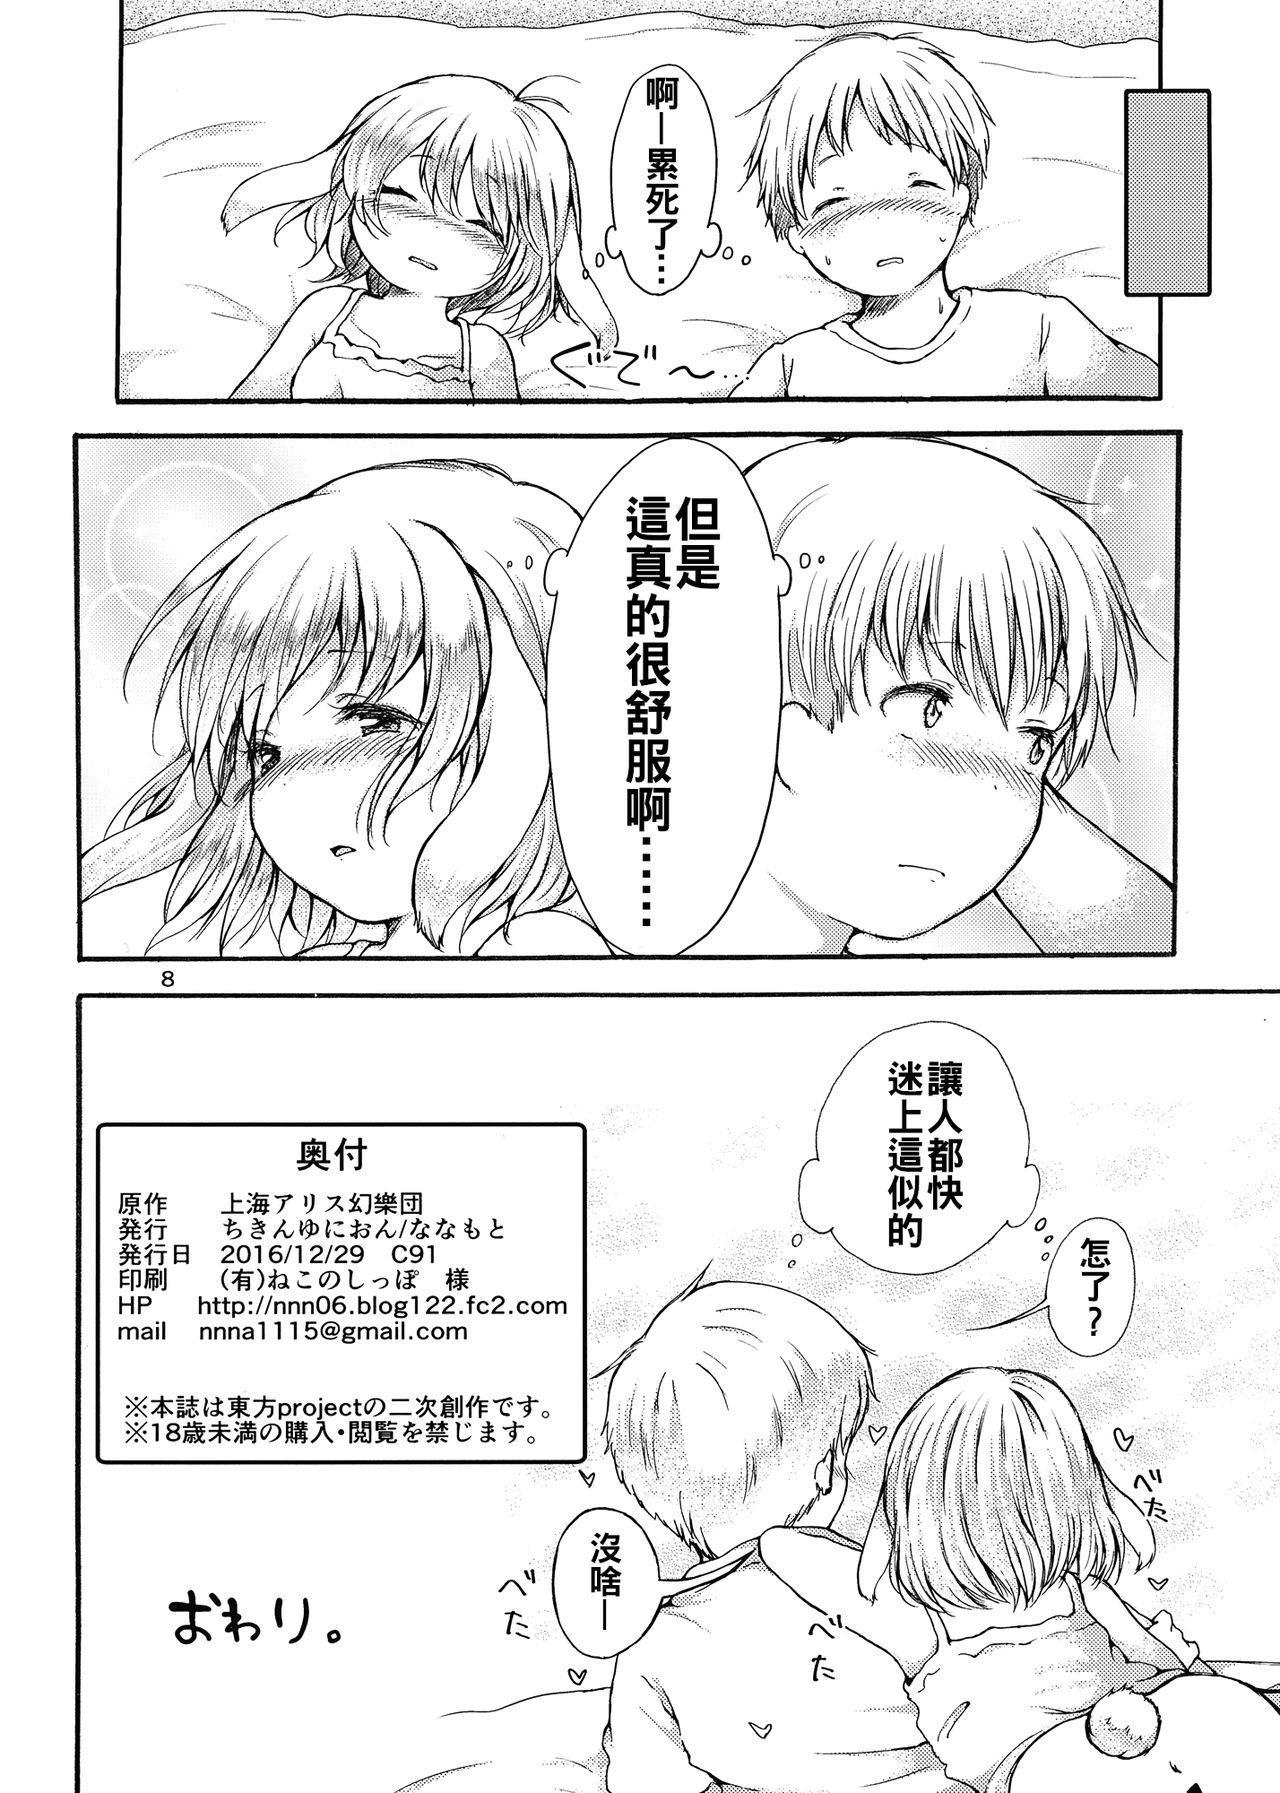 Tsuki no Usagi wa Yappari Hito Aji Chigau? 9